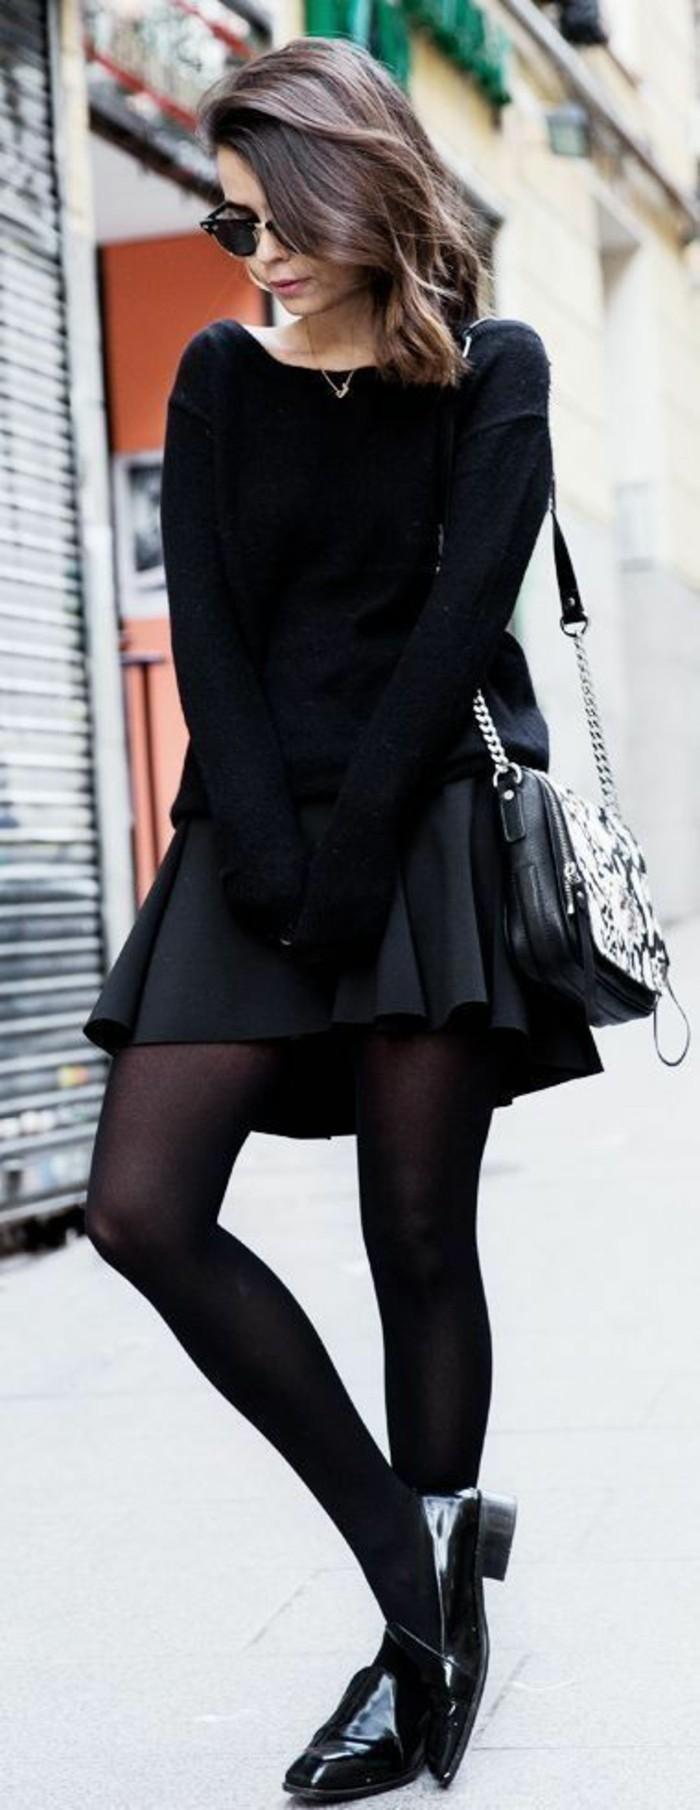 habillée-femme-comment-s-habiller-en-ce-moment-petite-robe-noire